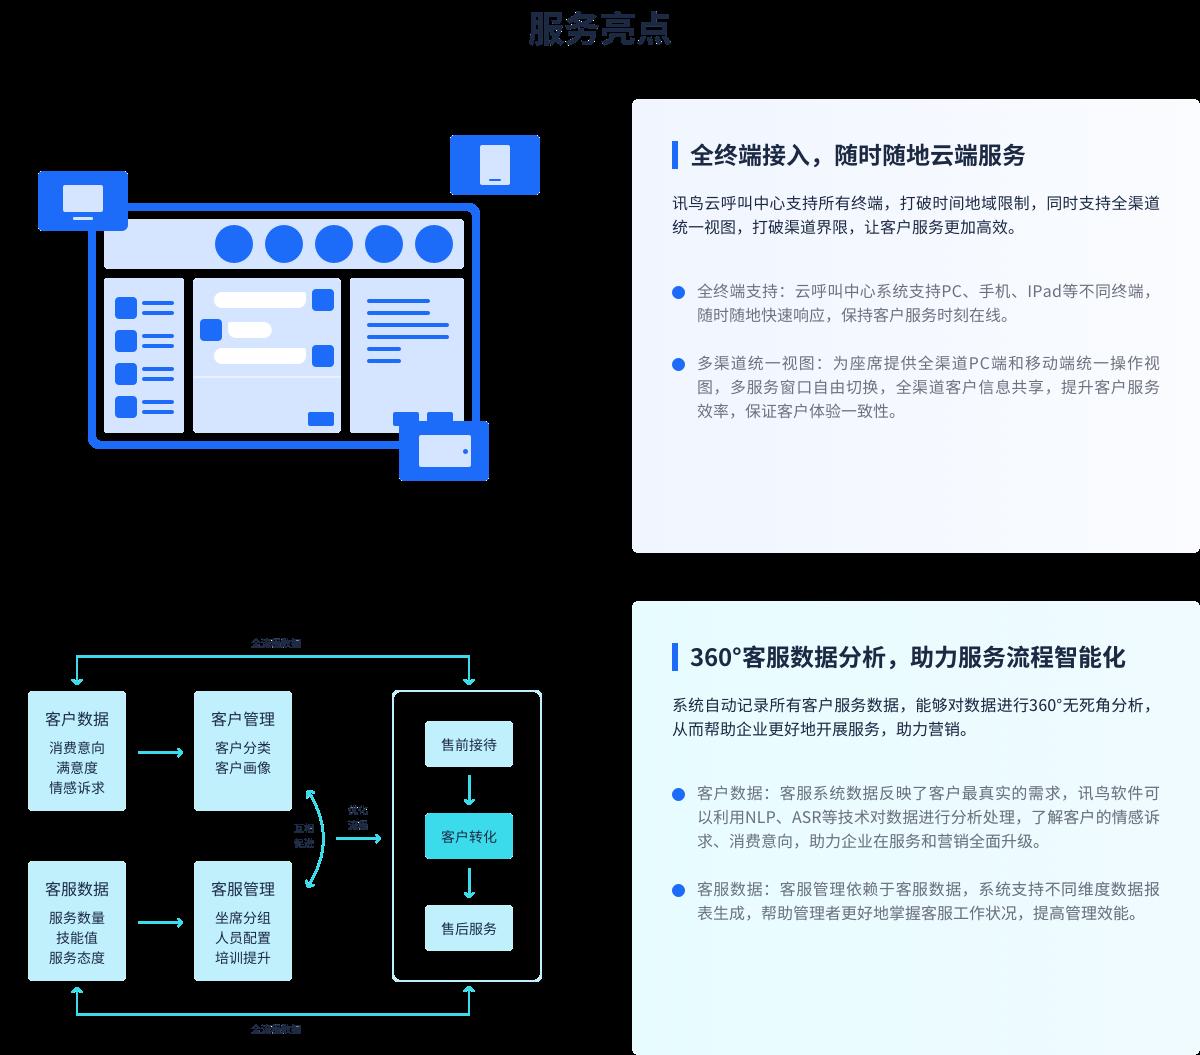 沪江网校,教育行业客服系统,智能客服系统,云呼叫中心.png